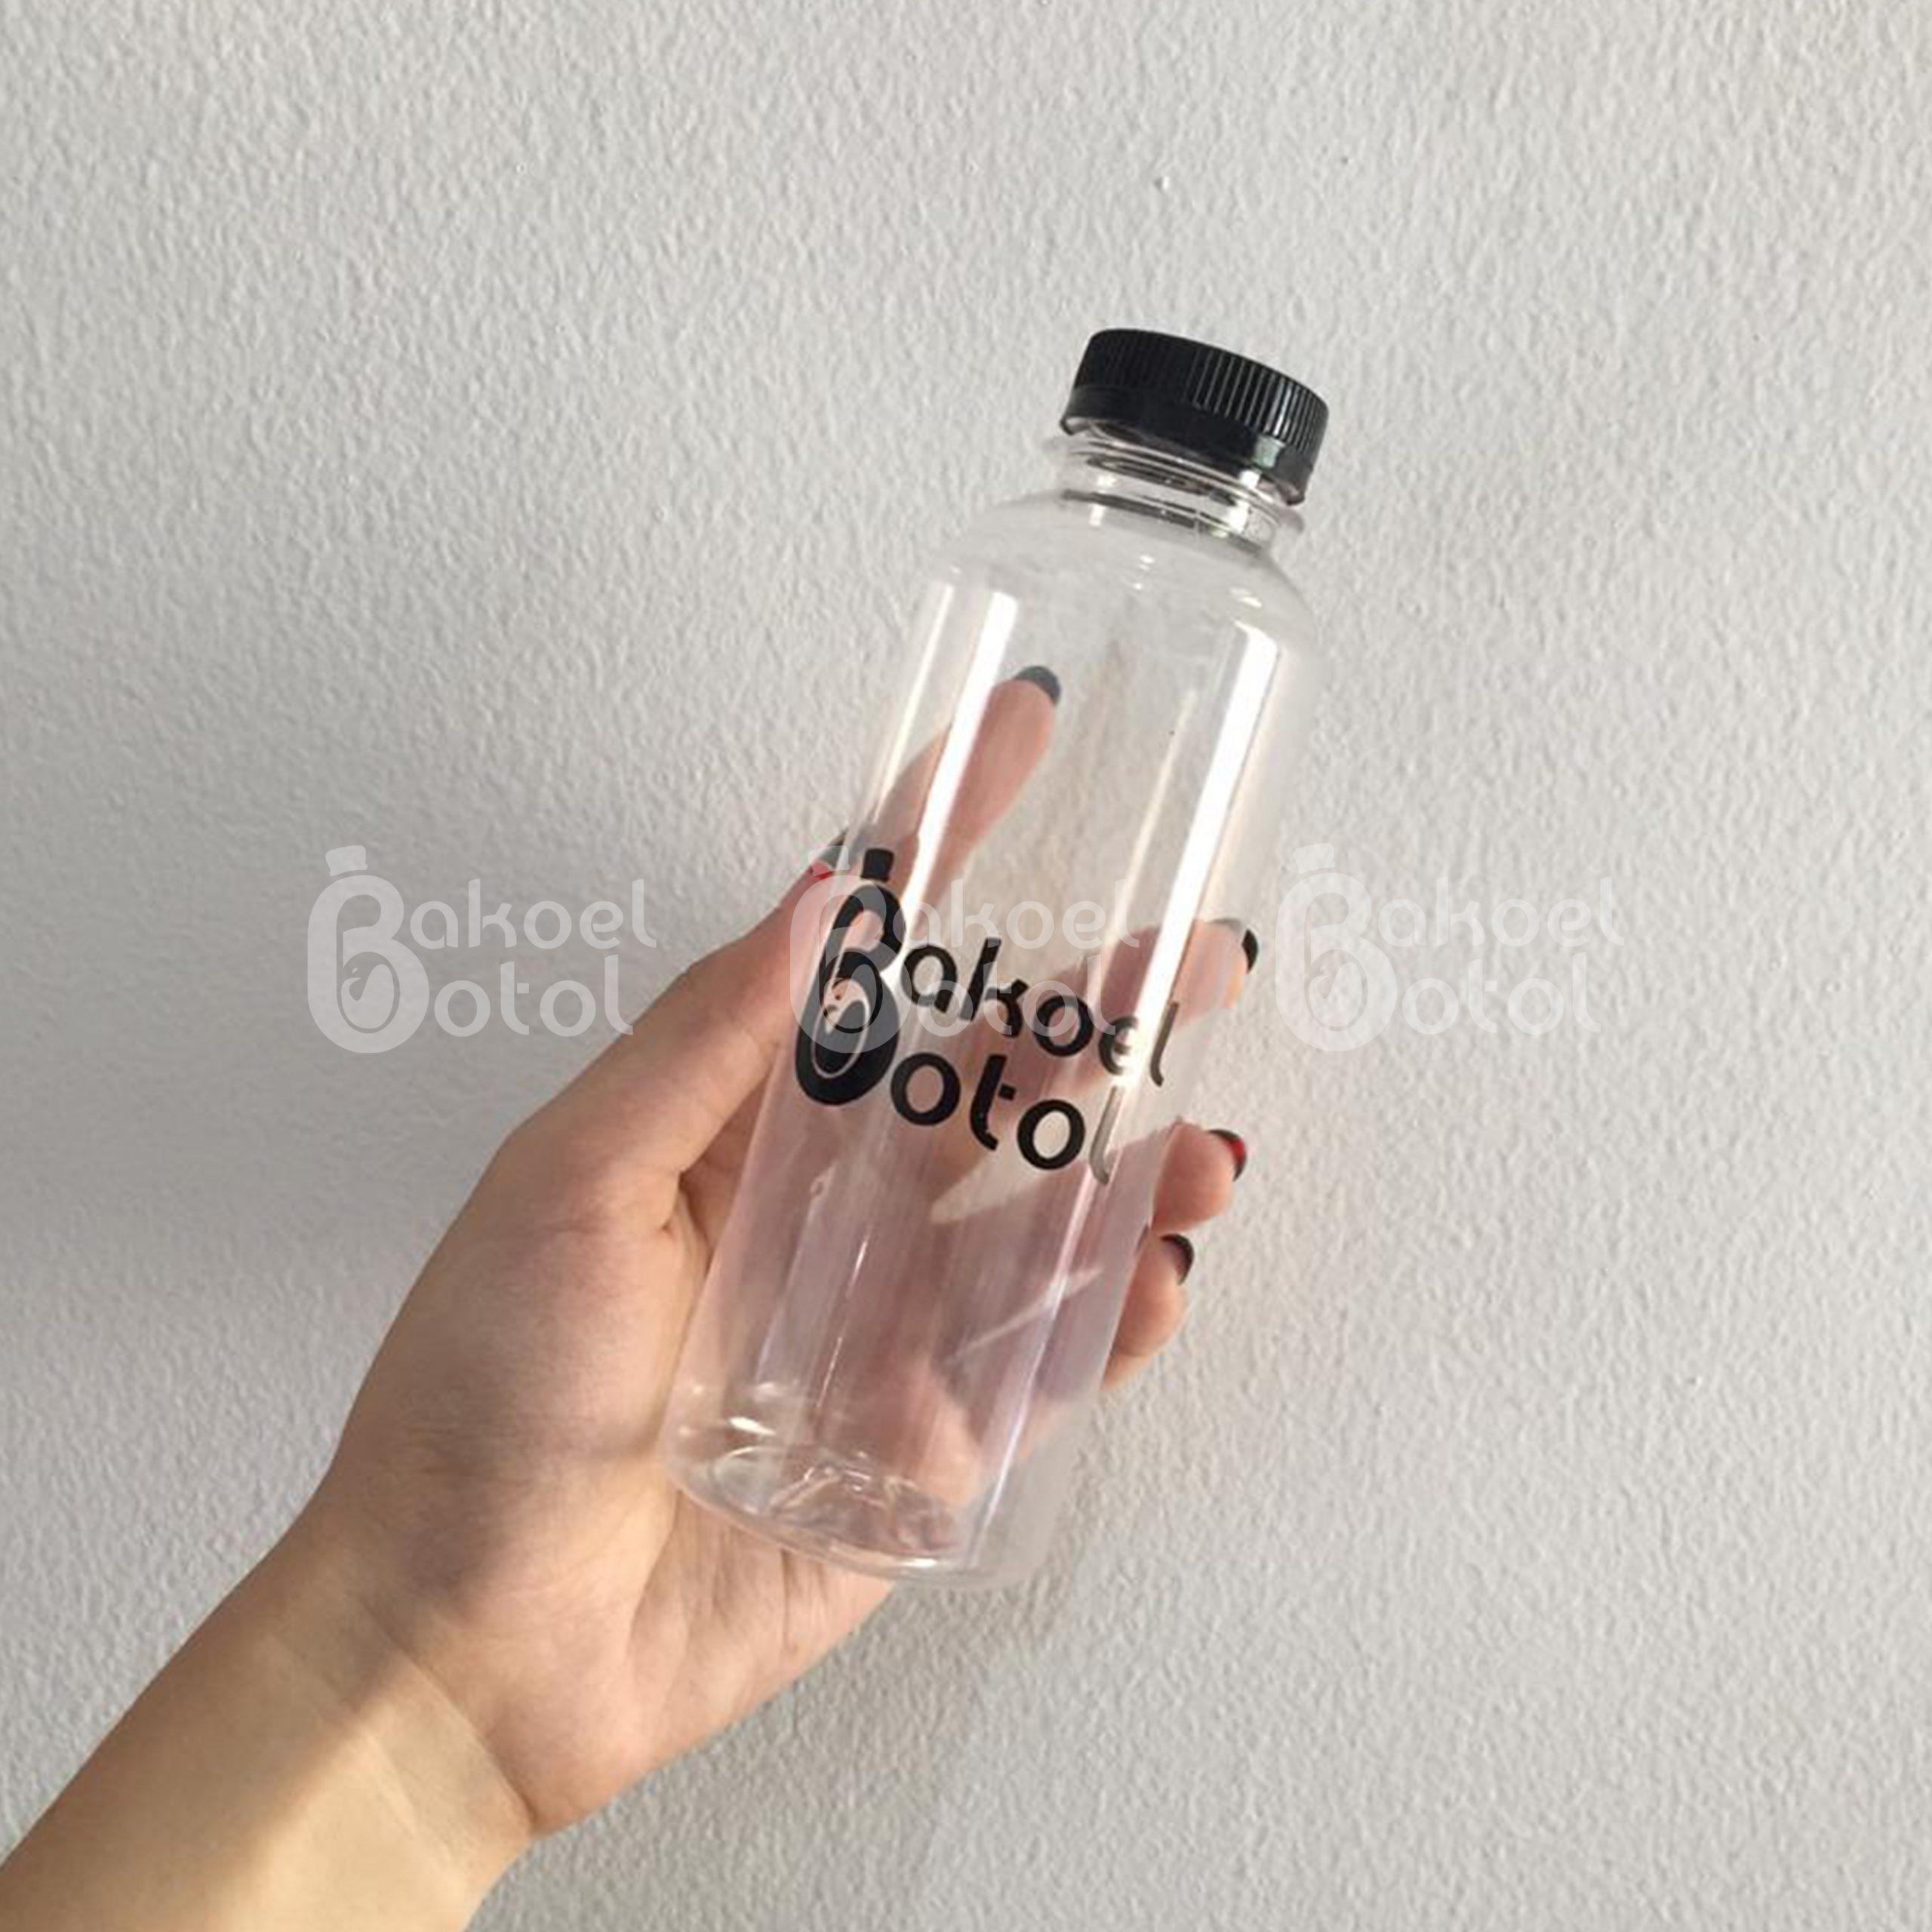 Cetak Label Botol Plastik Murah